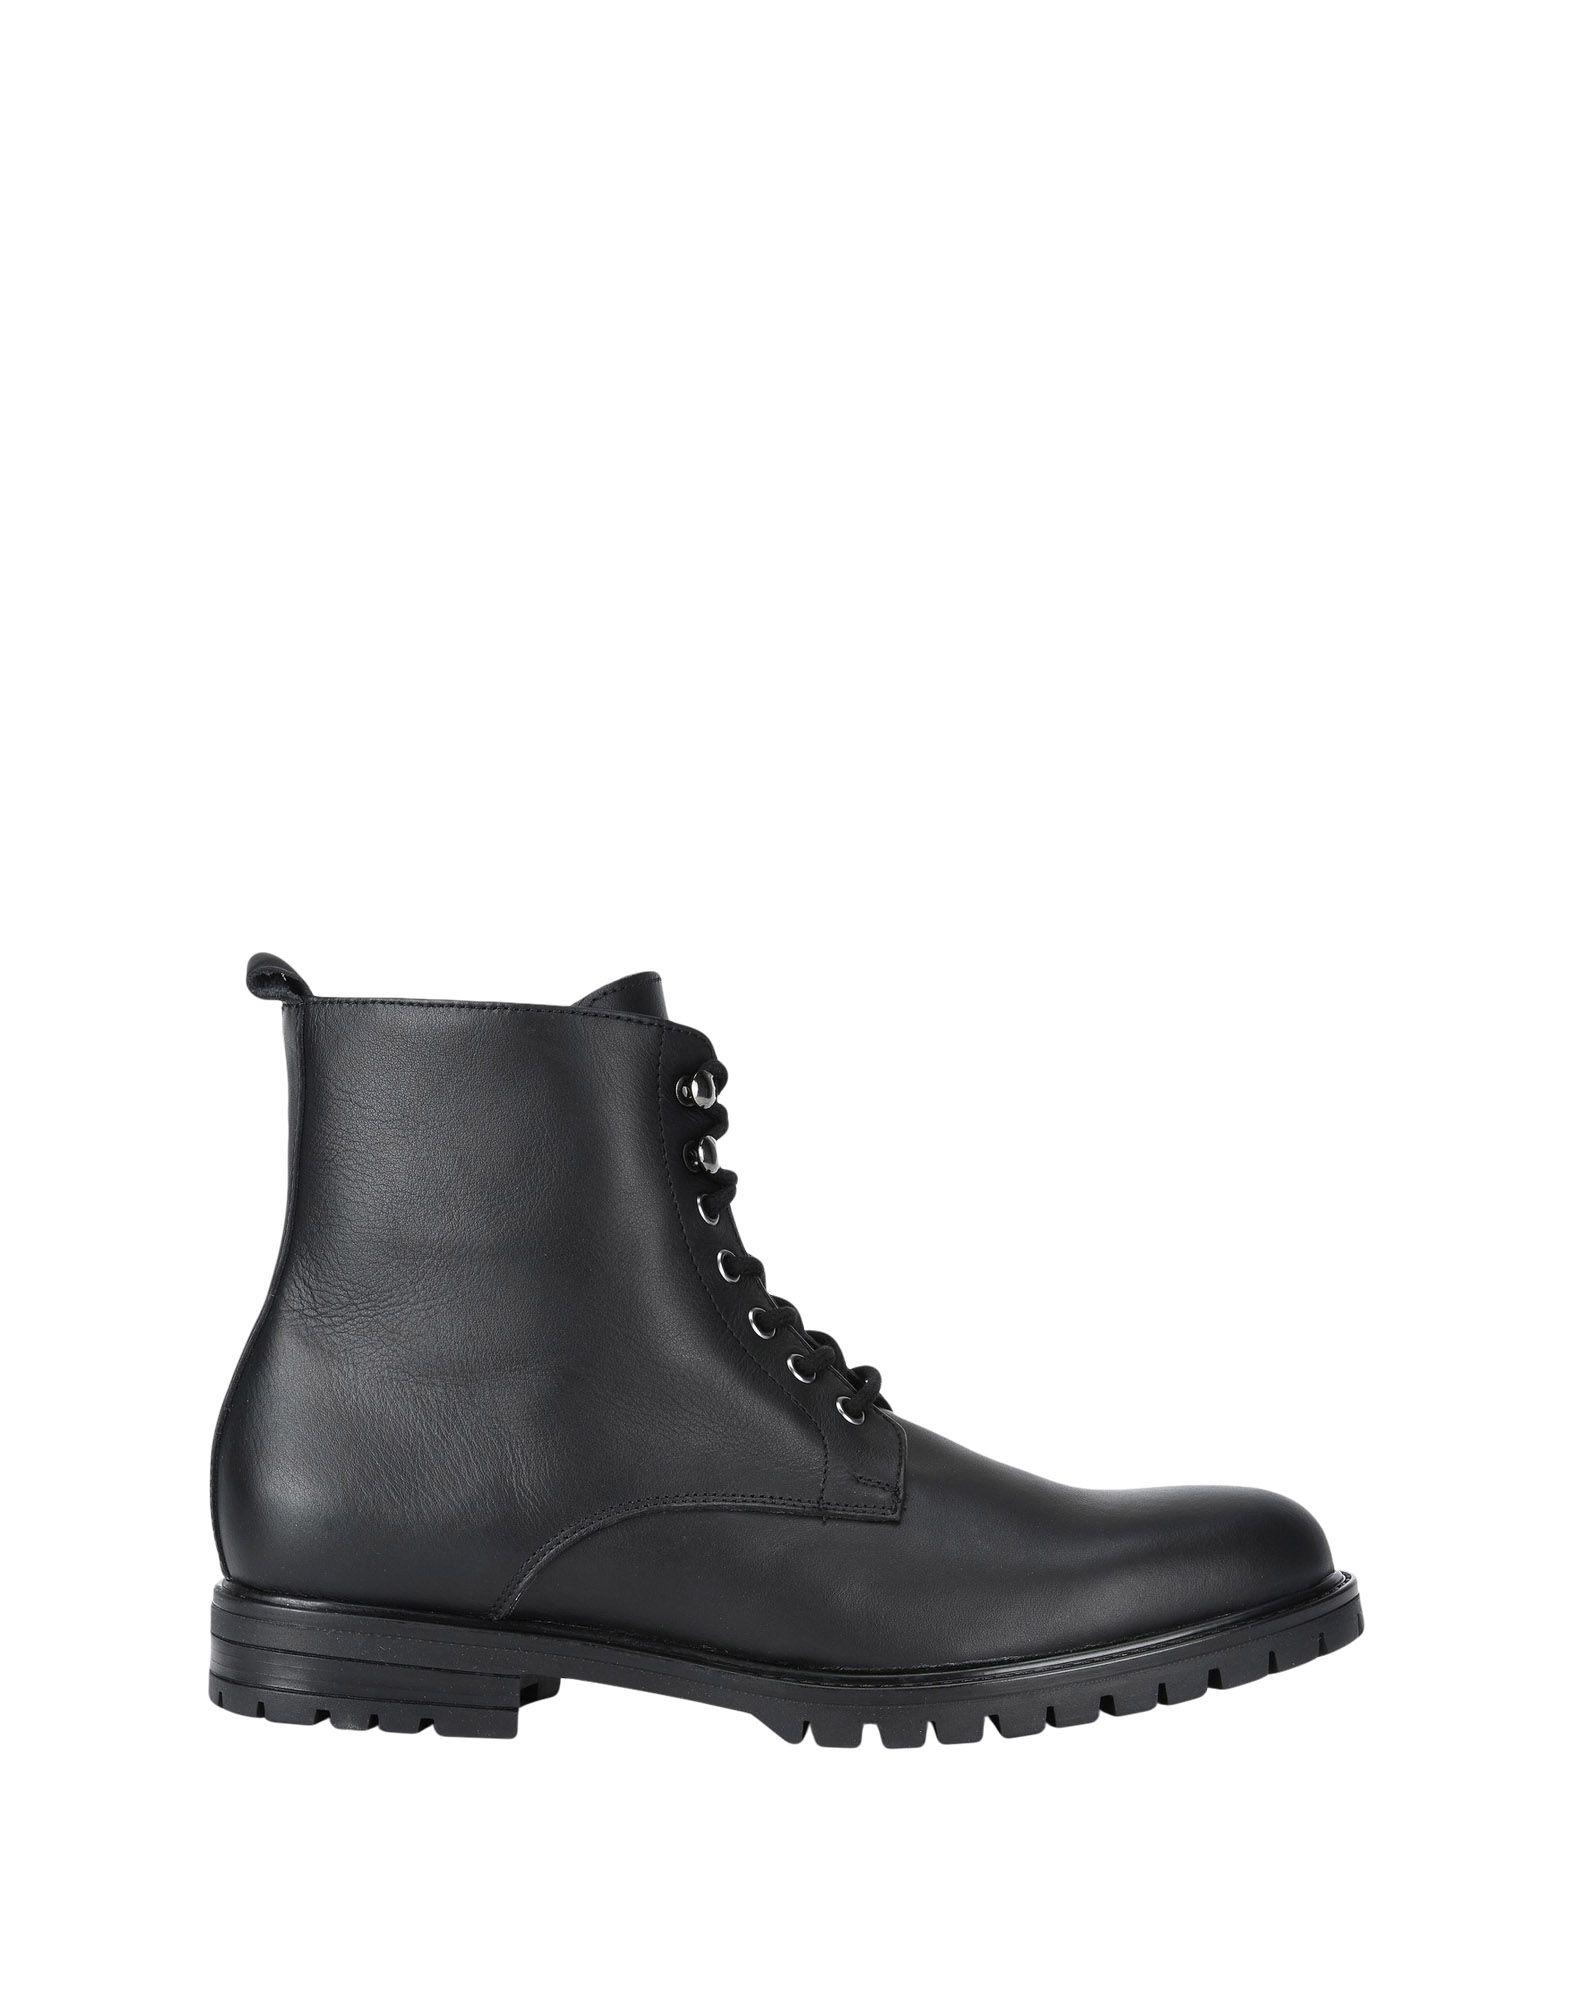 Ylati Heritage Stiefelette Herren  11482986CS Gute Qualität beliebte Schuhe